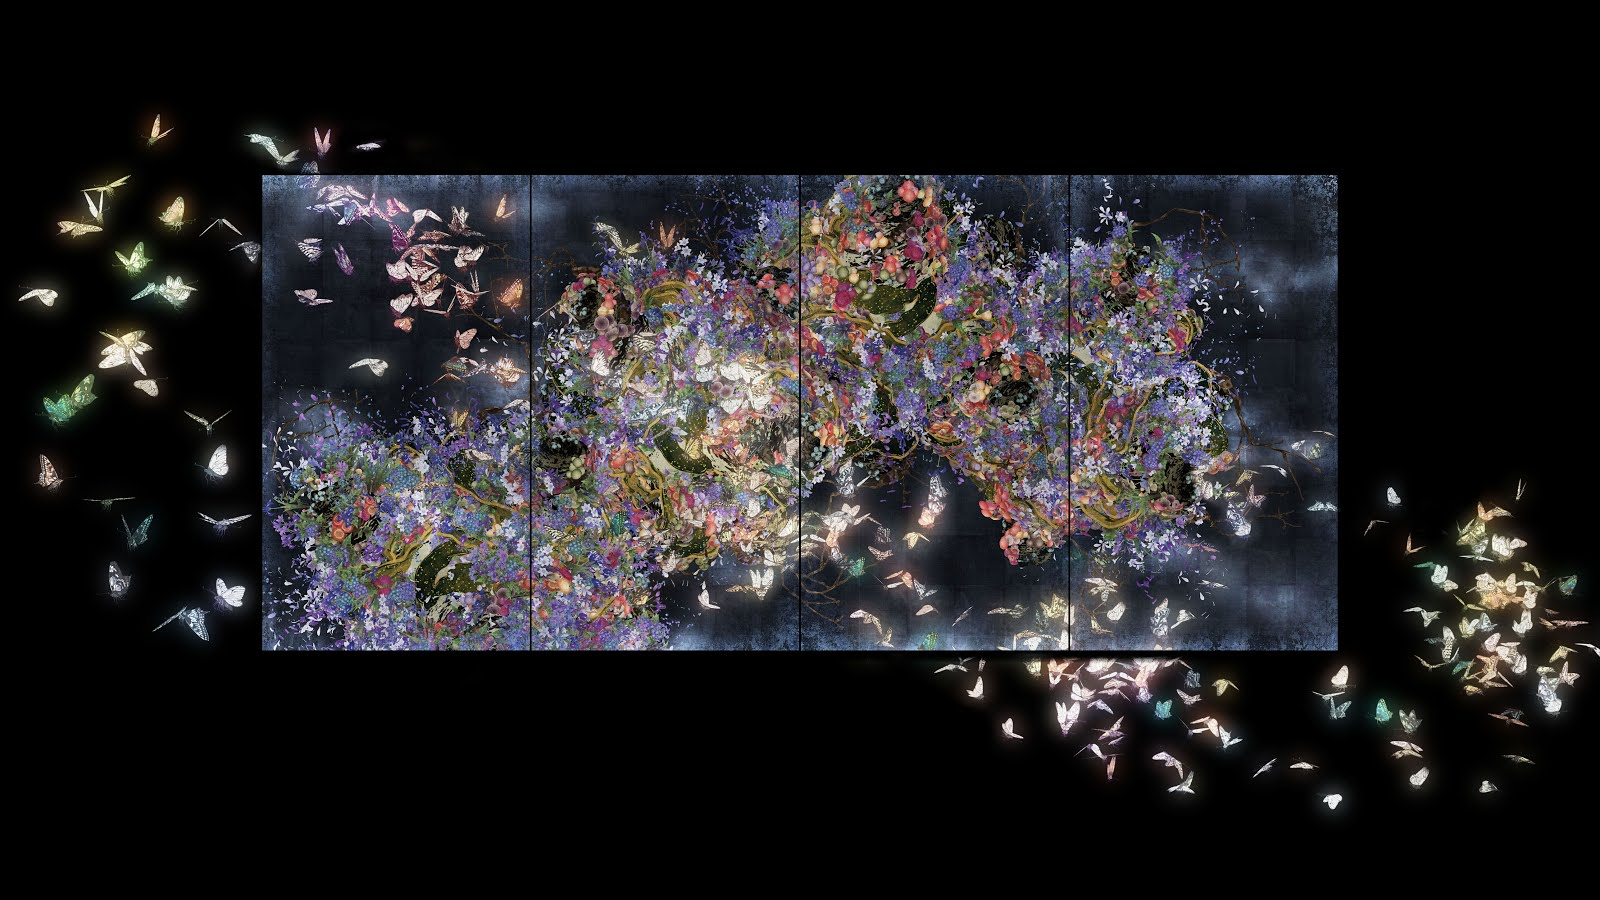 Flutter_of_Butterflies_beyond_